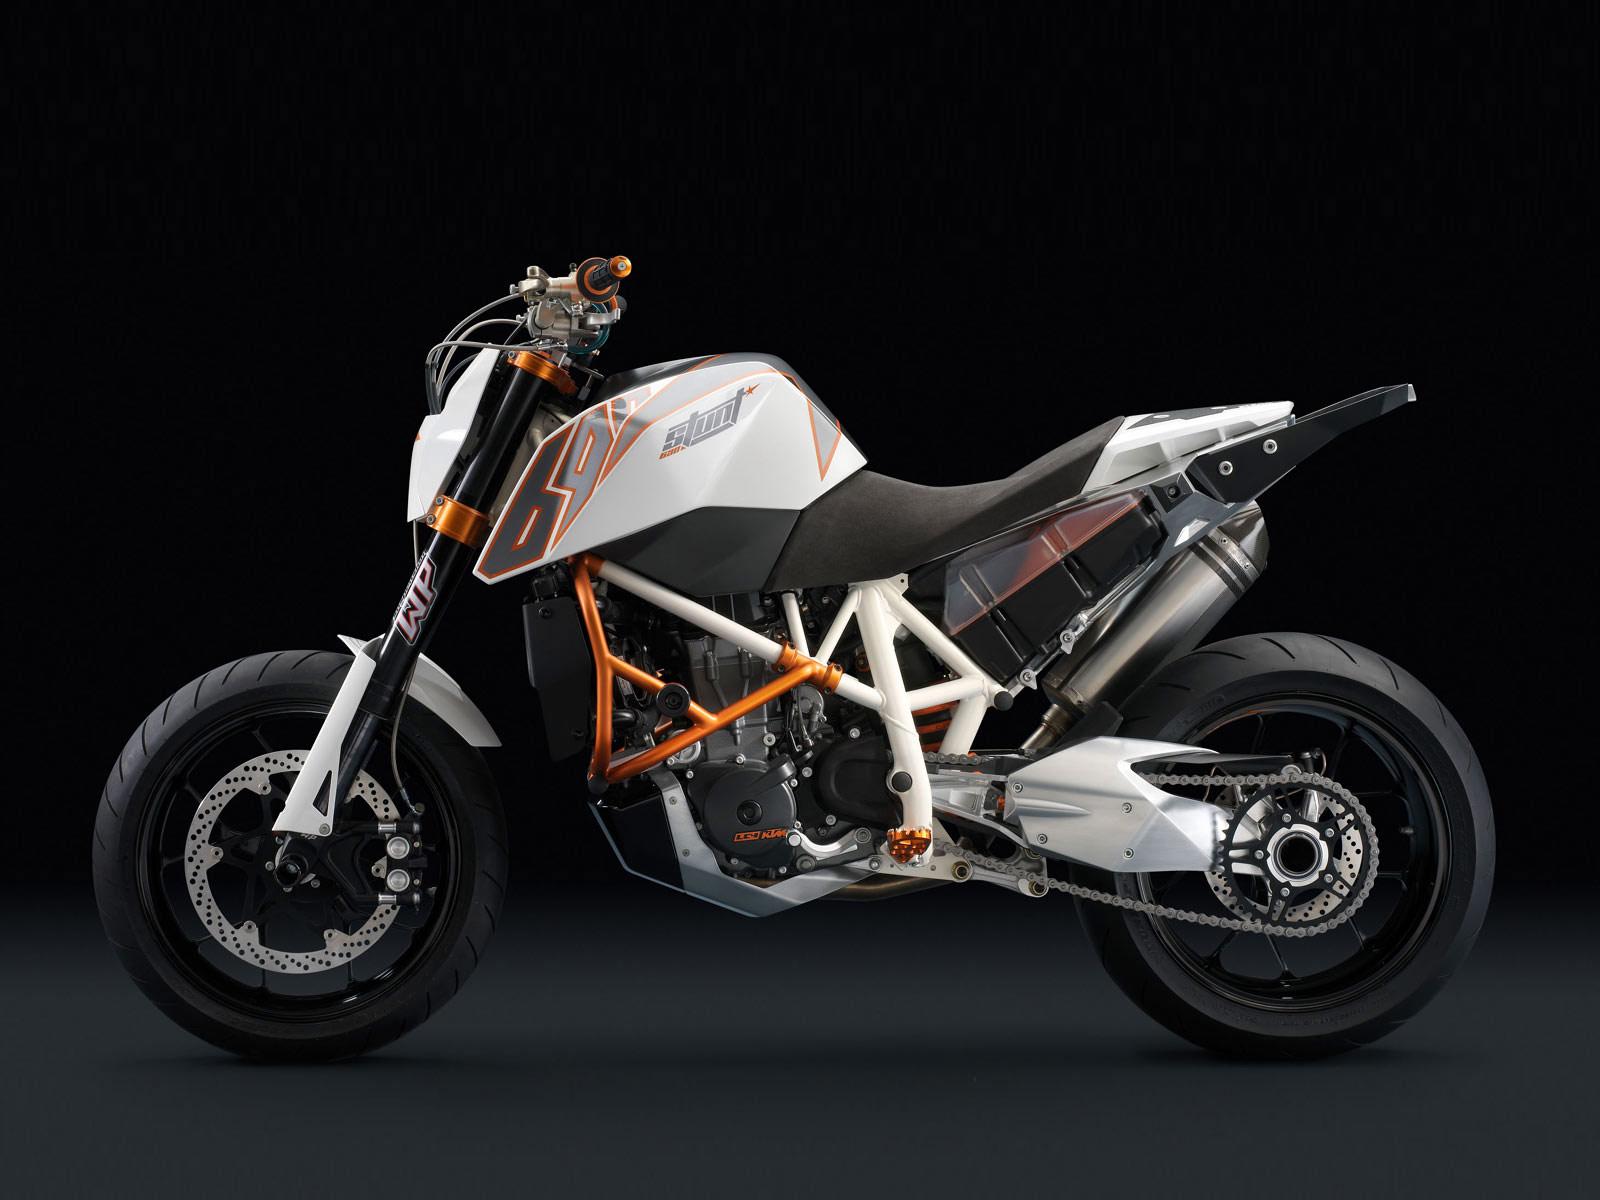 Hwfd Ktm Motorcycles 690 Duke Wallpaper Desktop Hd Hd